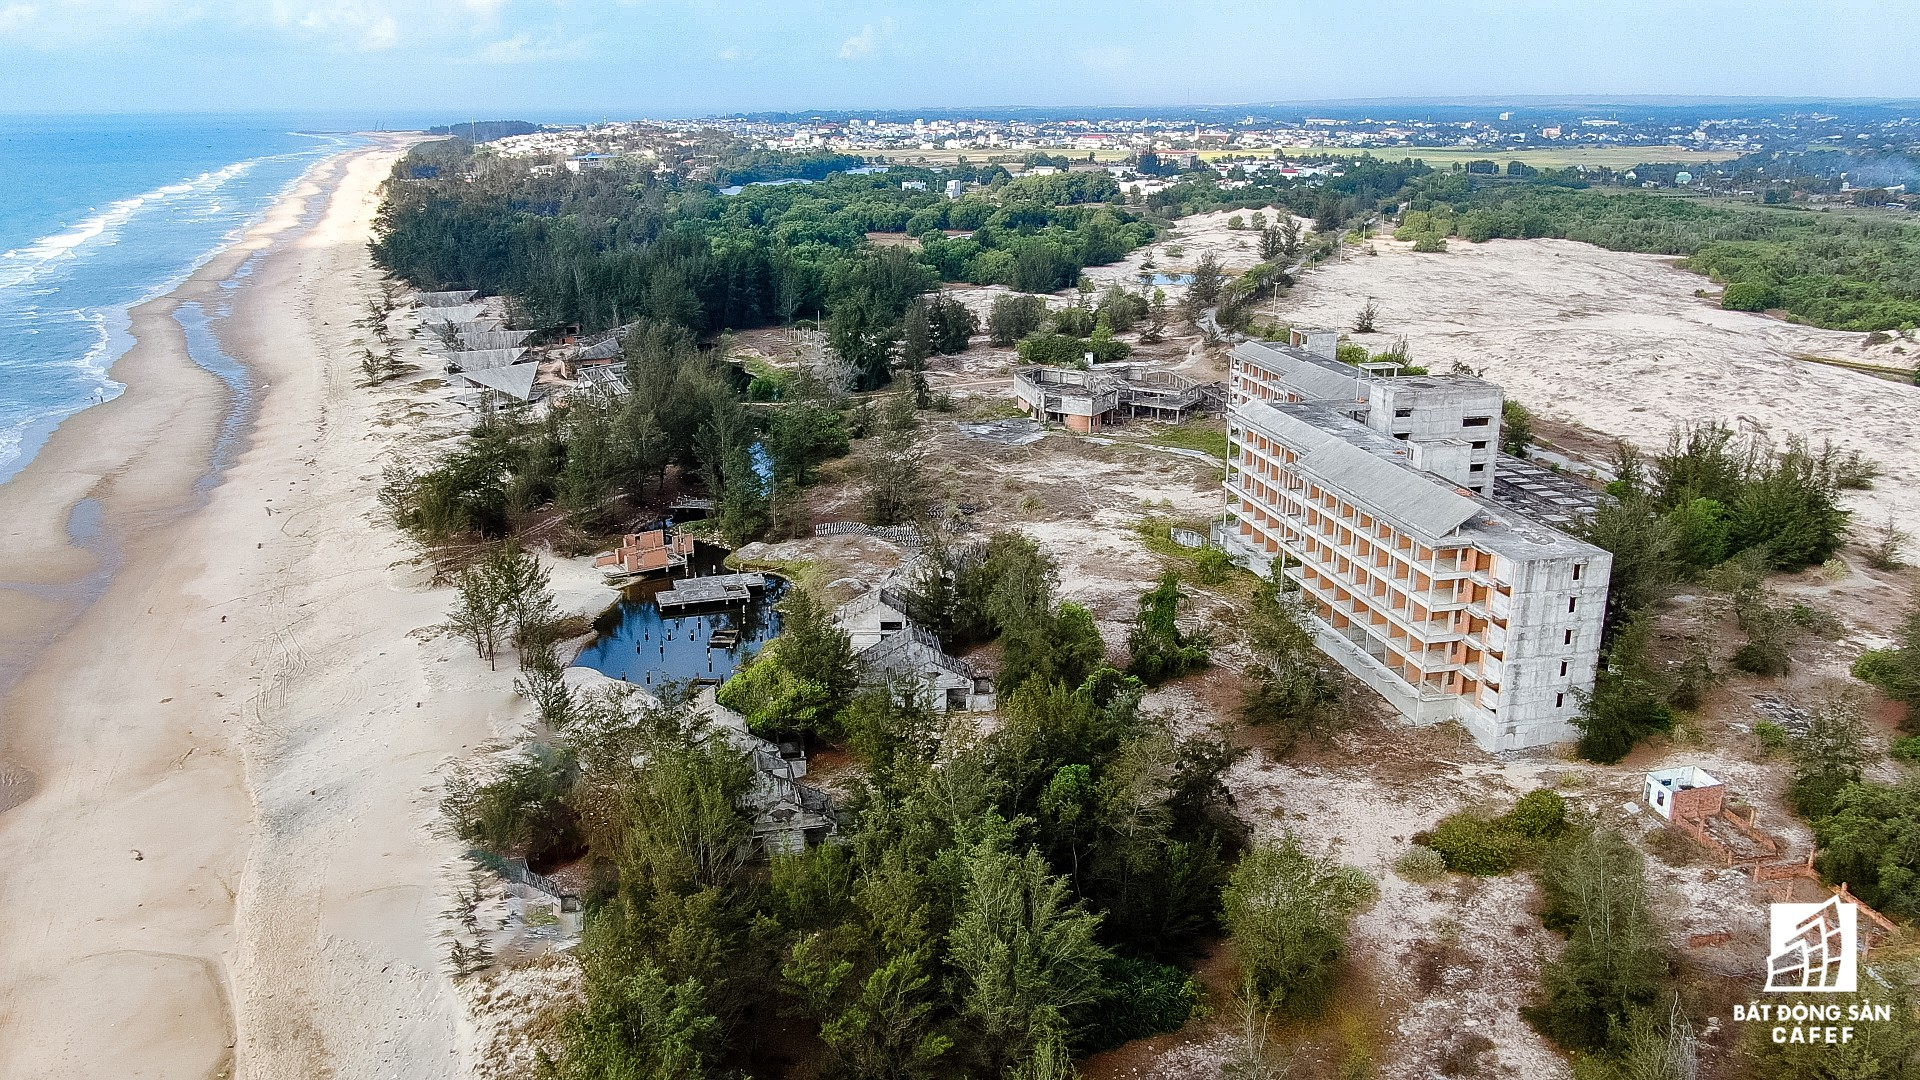 Quy hoạch thành khu du lịch quốc gia, dải ven biển này đang đón dòng vốn hàng tỷ USD, giá đất tăng chóng mặt - Ảnh 25.